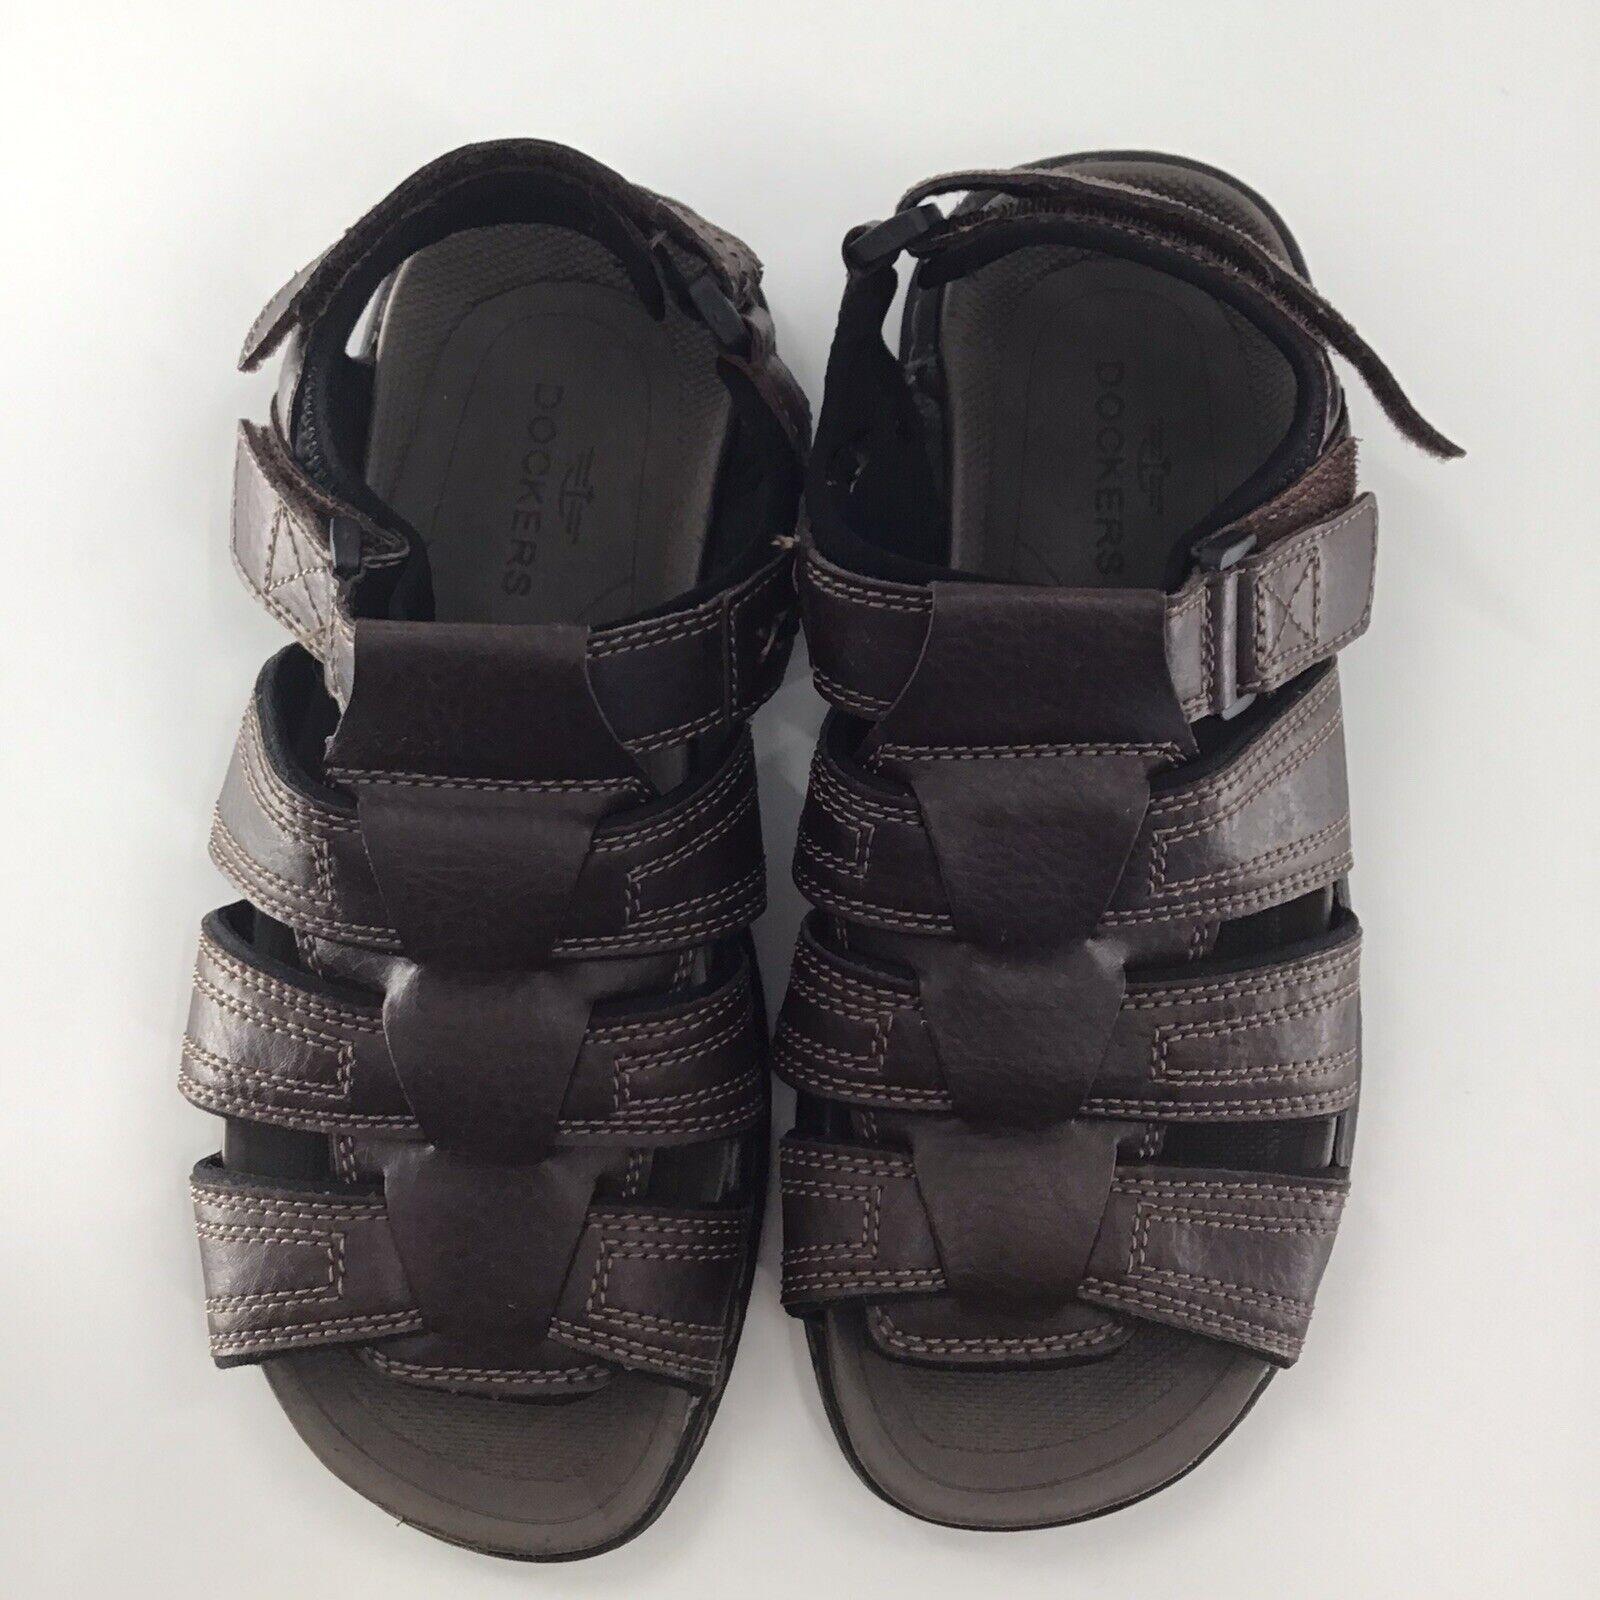 Dockers Men's Casual Comfort Outdoor Sport Sandals Shoes Brown Size 8 M